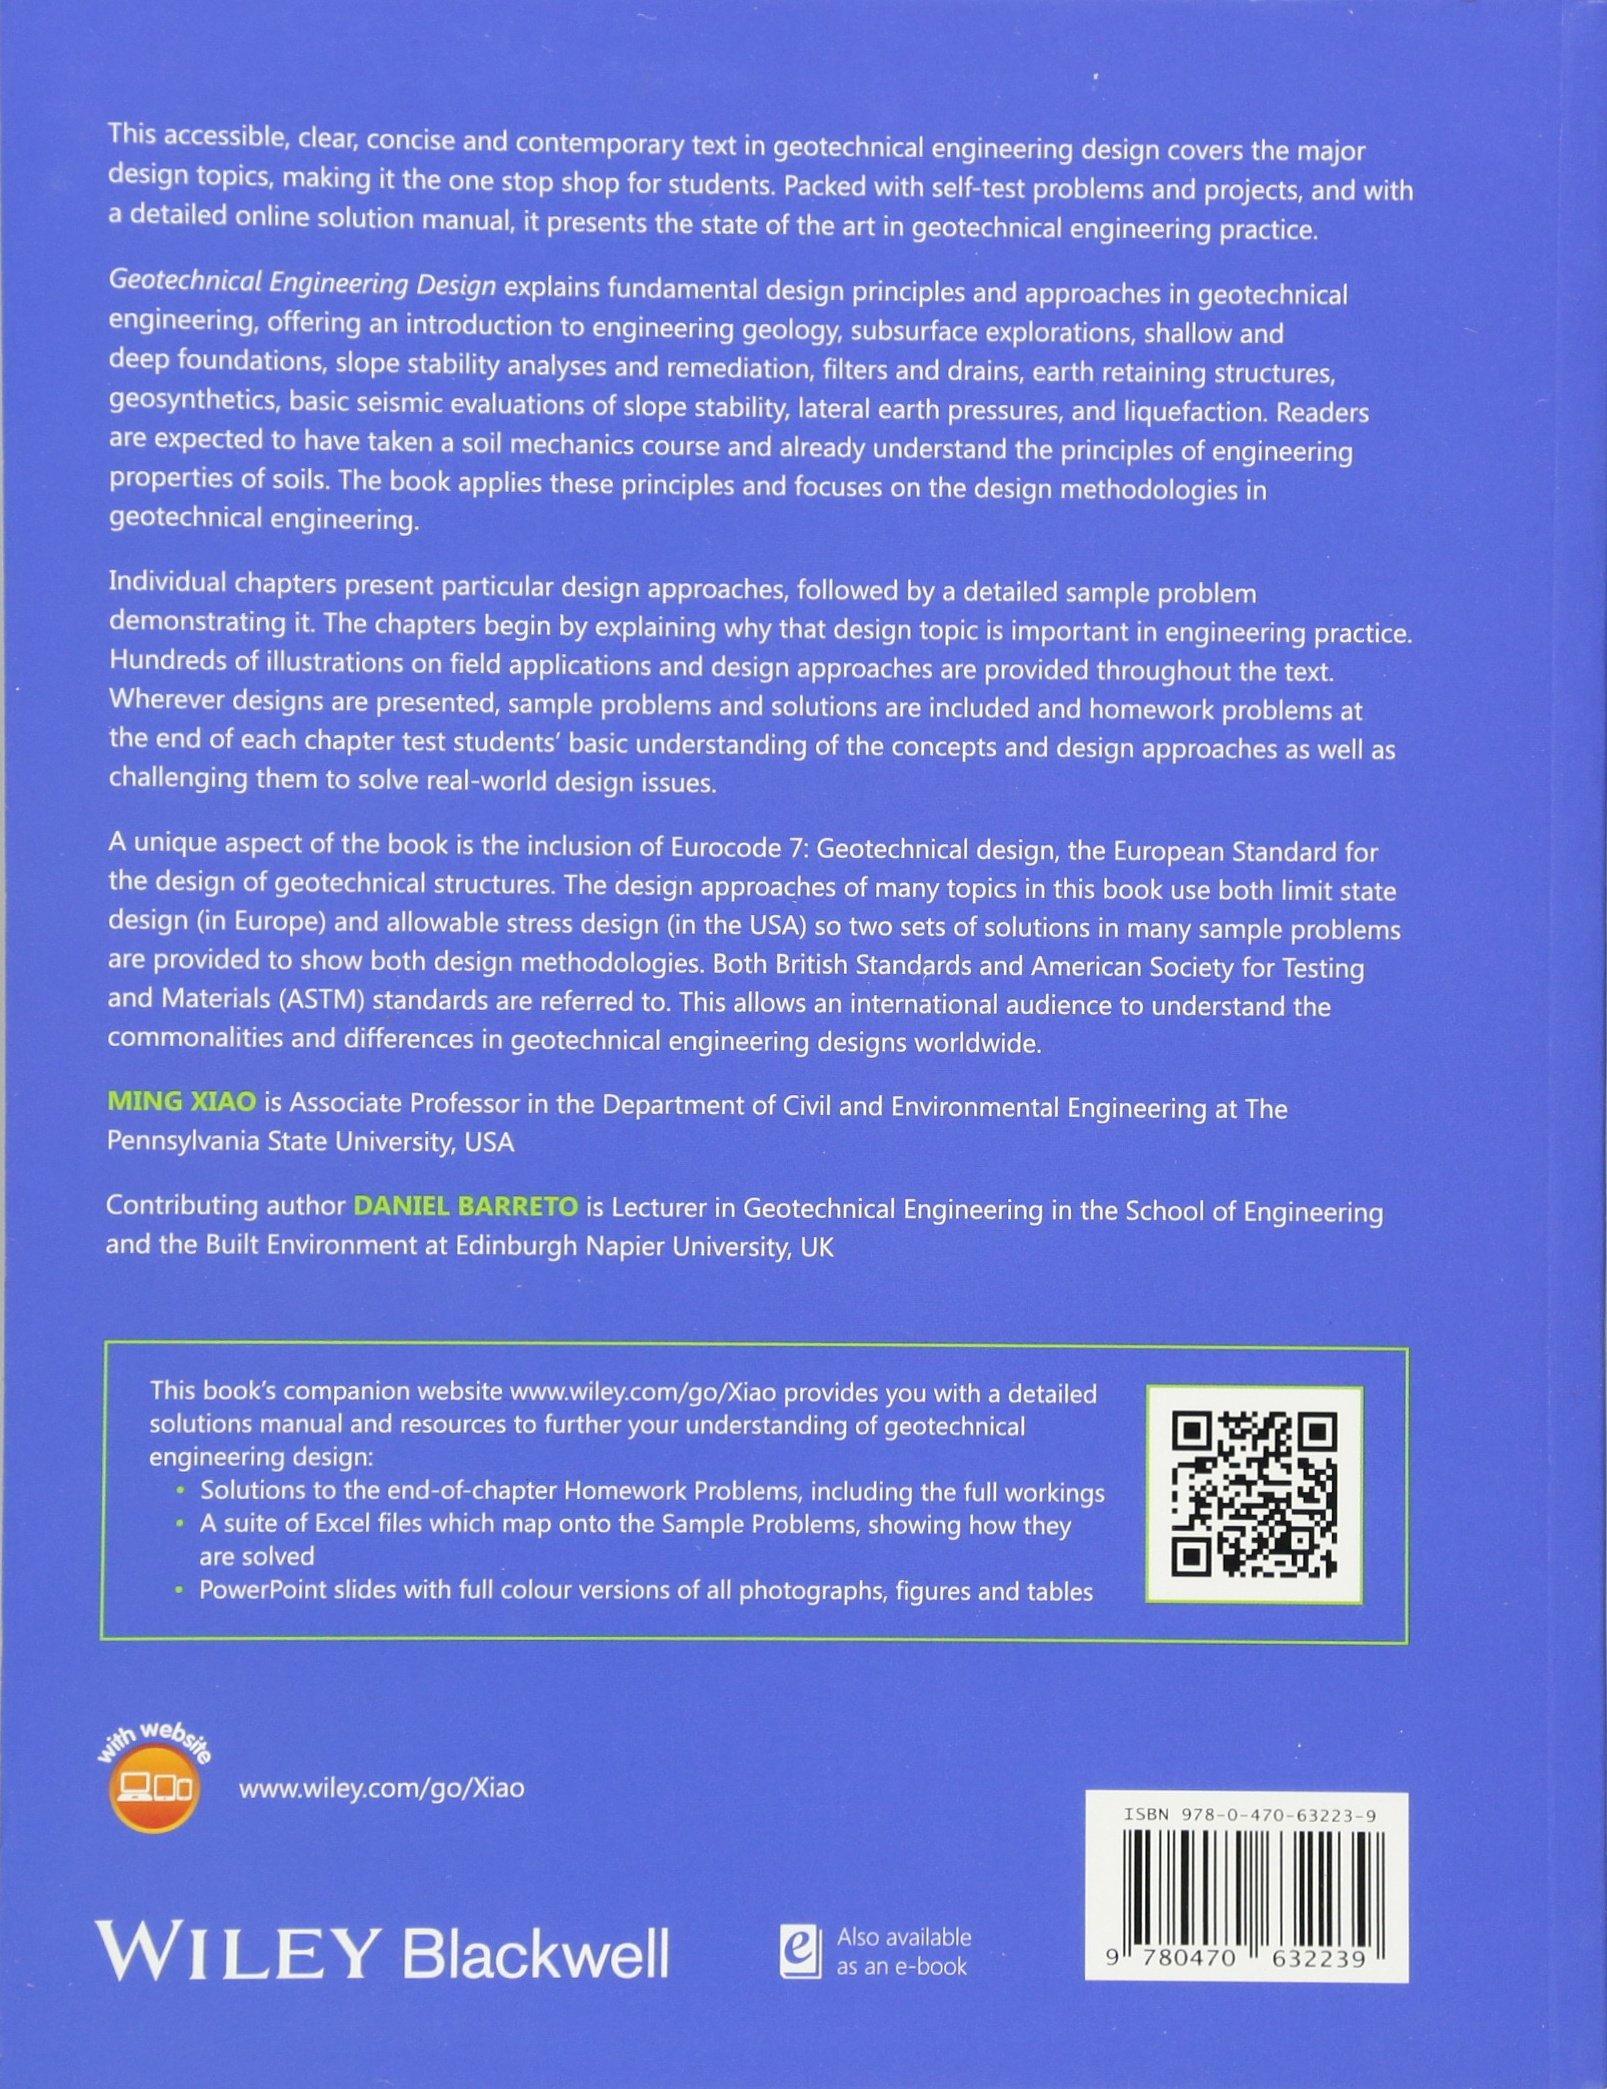 Geotechnical Engineering Design: Amazon co uk: Ming Xiao